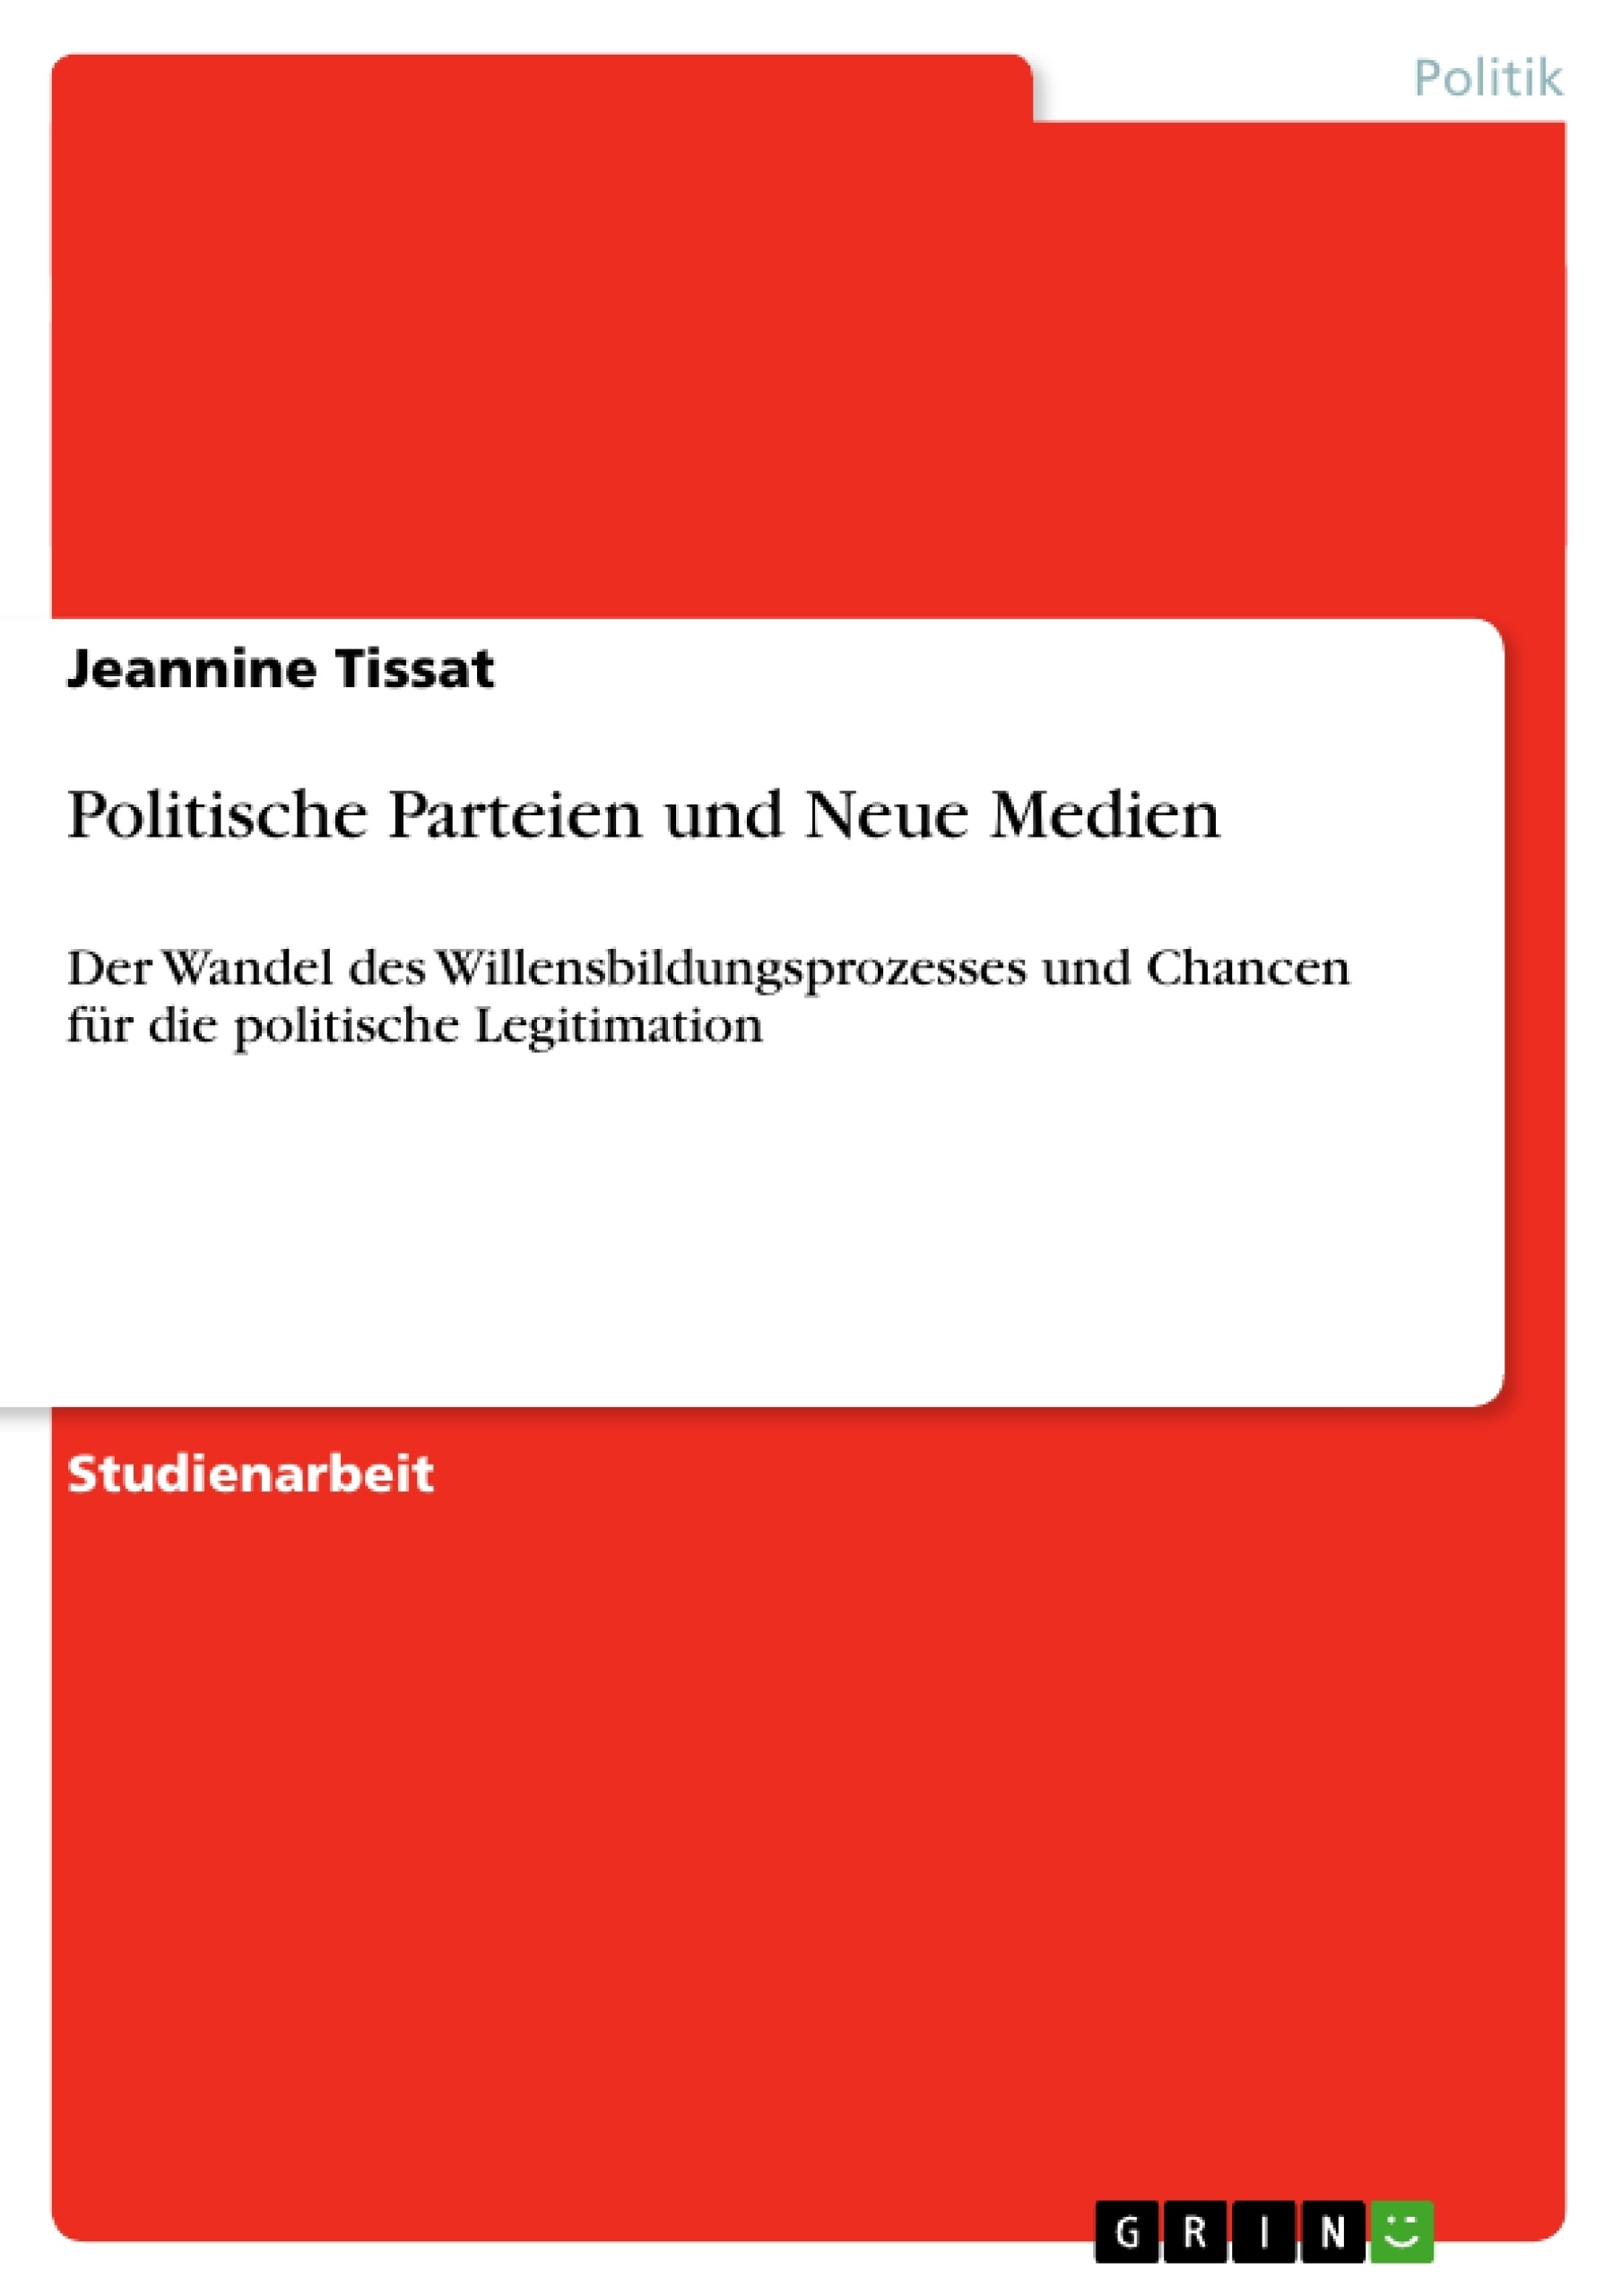 Titel: Politische Parteien und Neue Medien